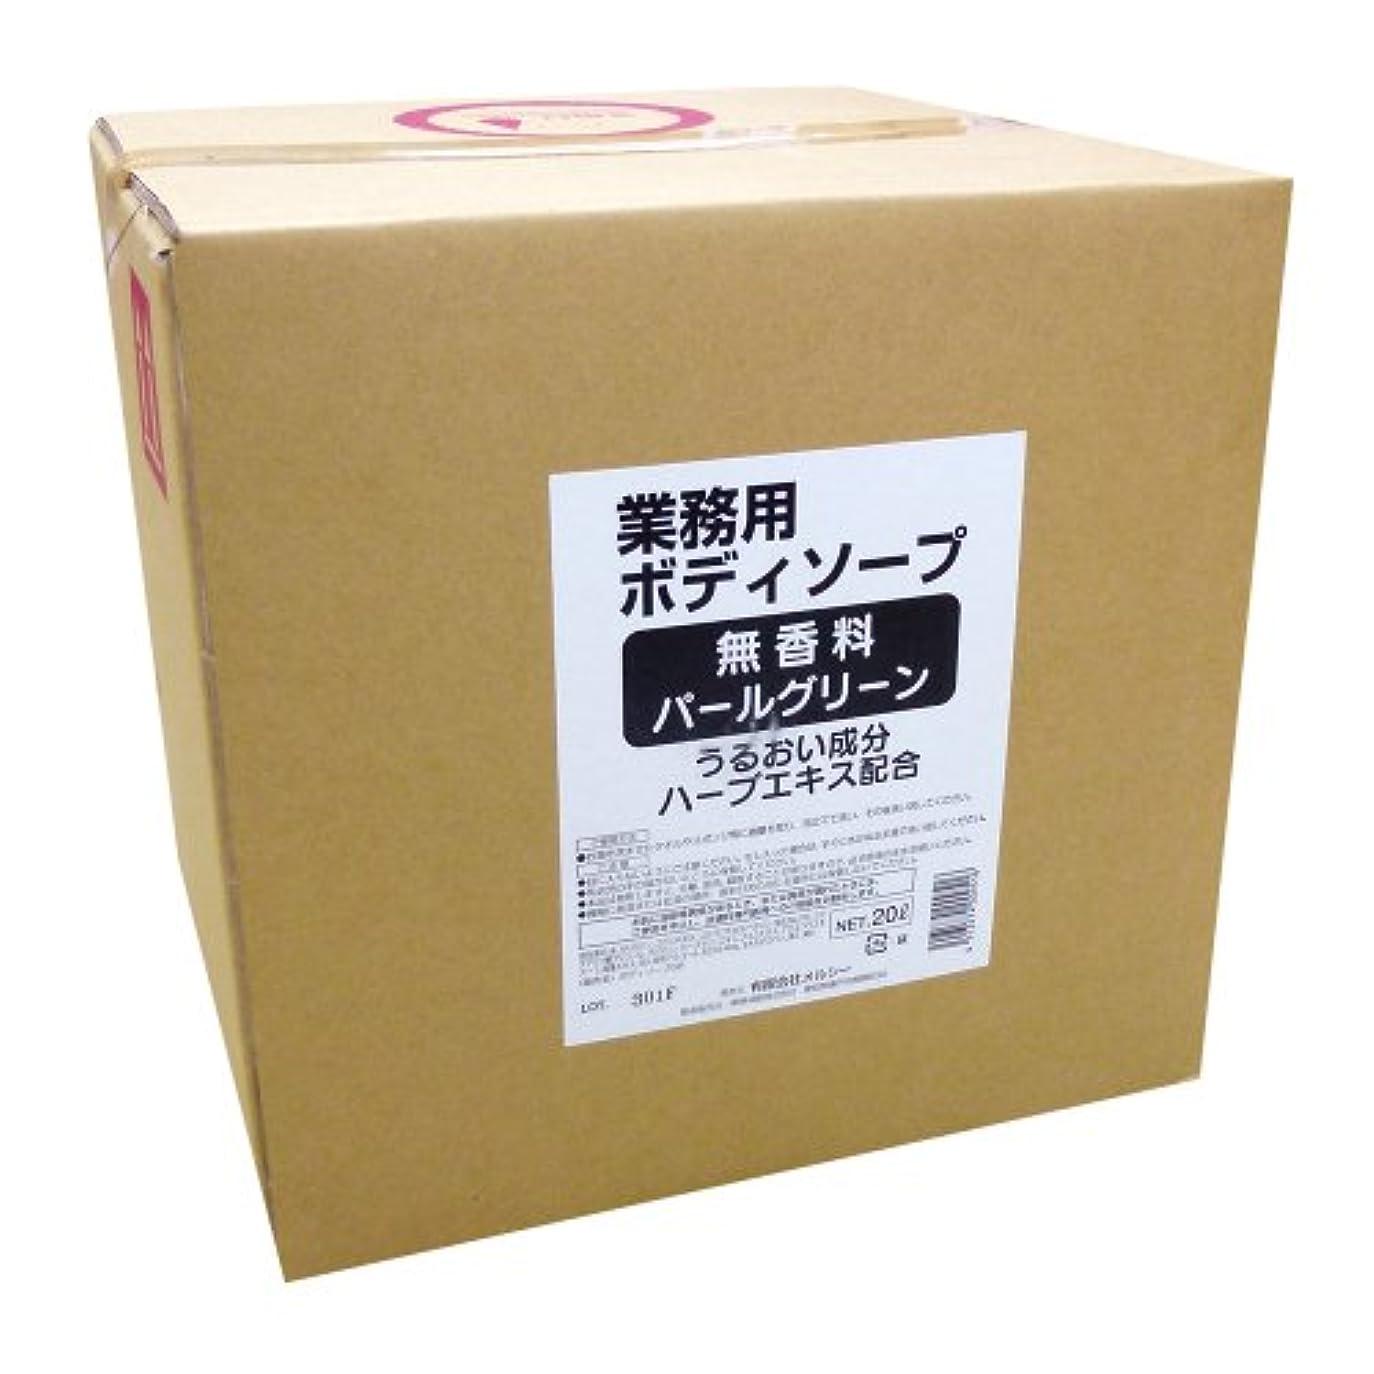 構造的バスガチョウ【業務用】 無香料 ボディソープ 20L